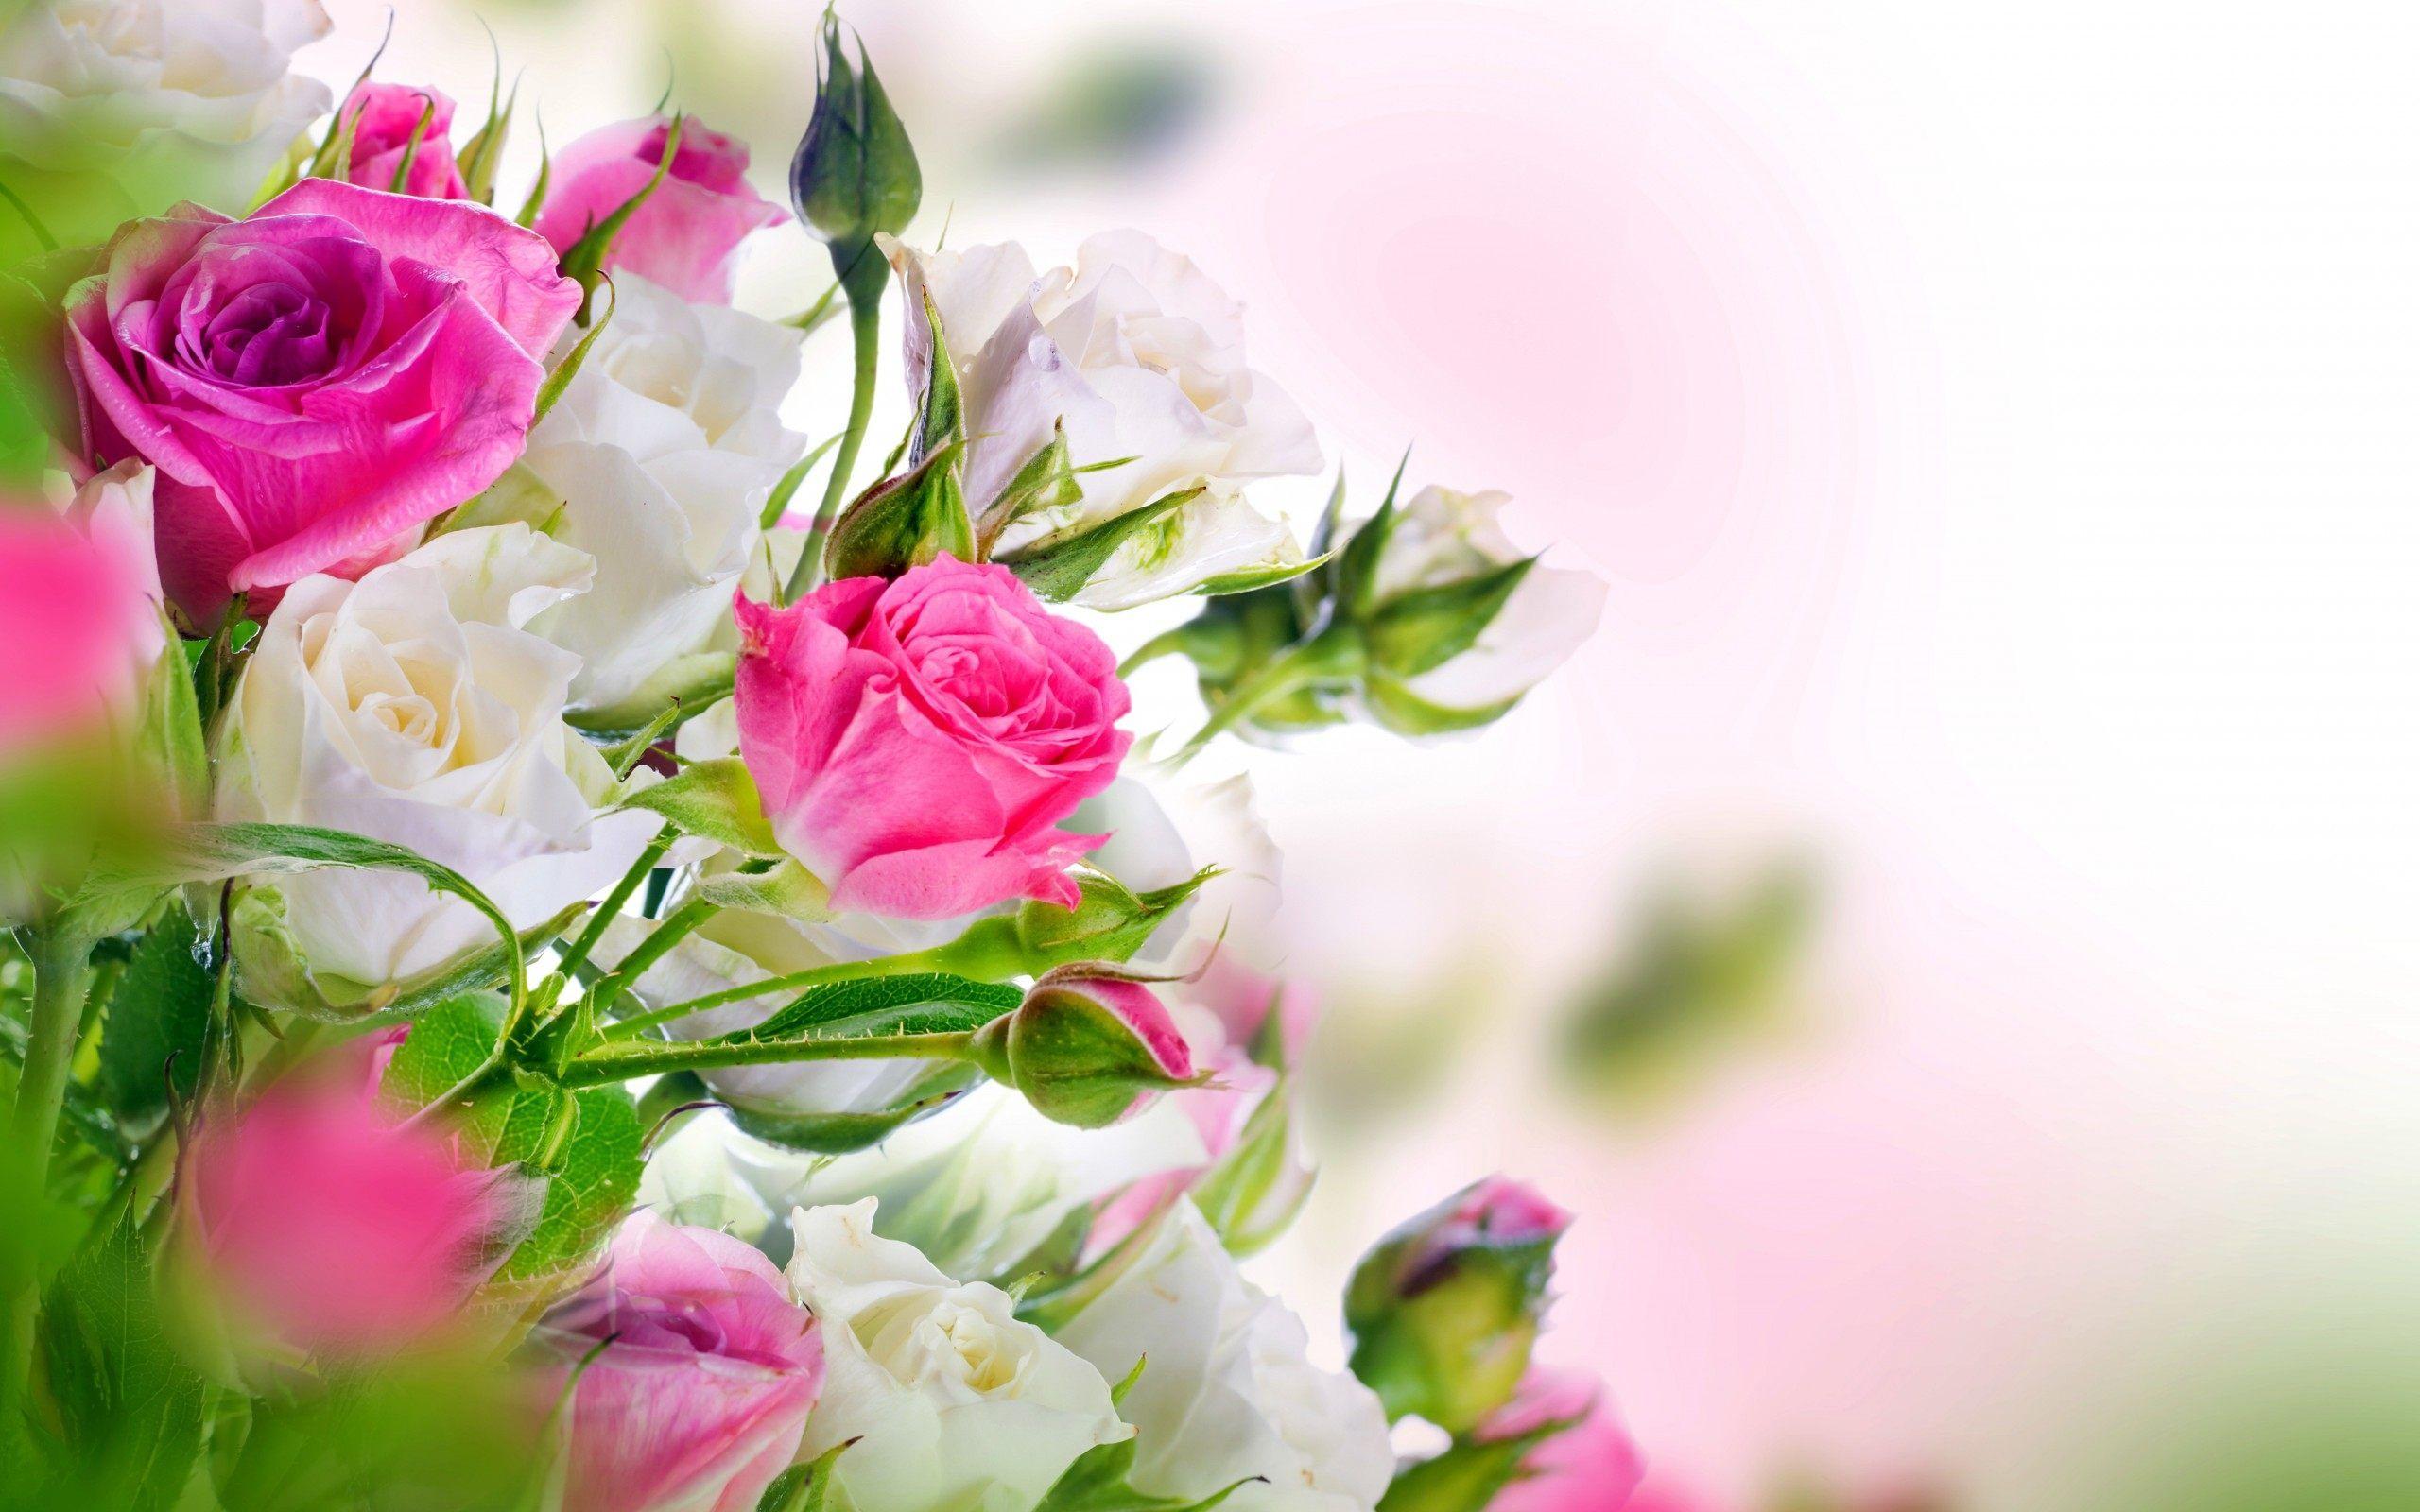 Roses Wallpapers Mobile Flowers, Rose flower wallpaper